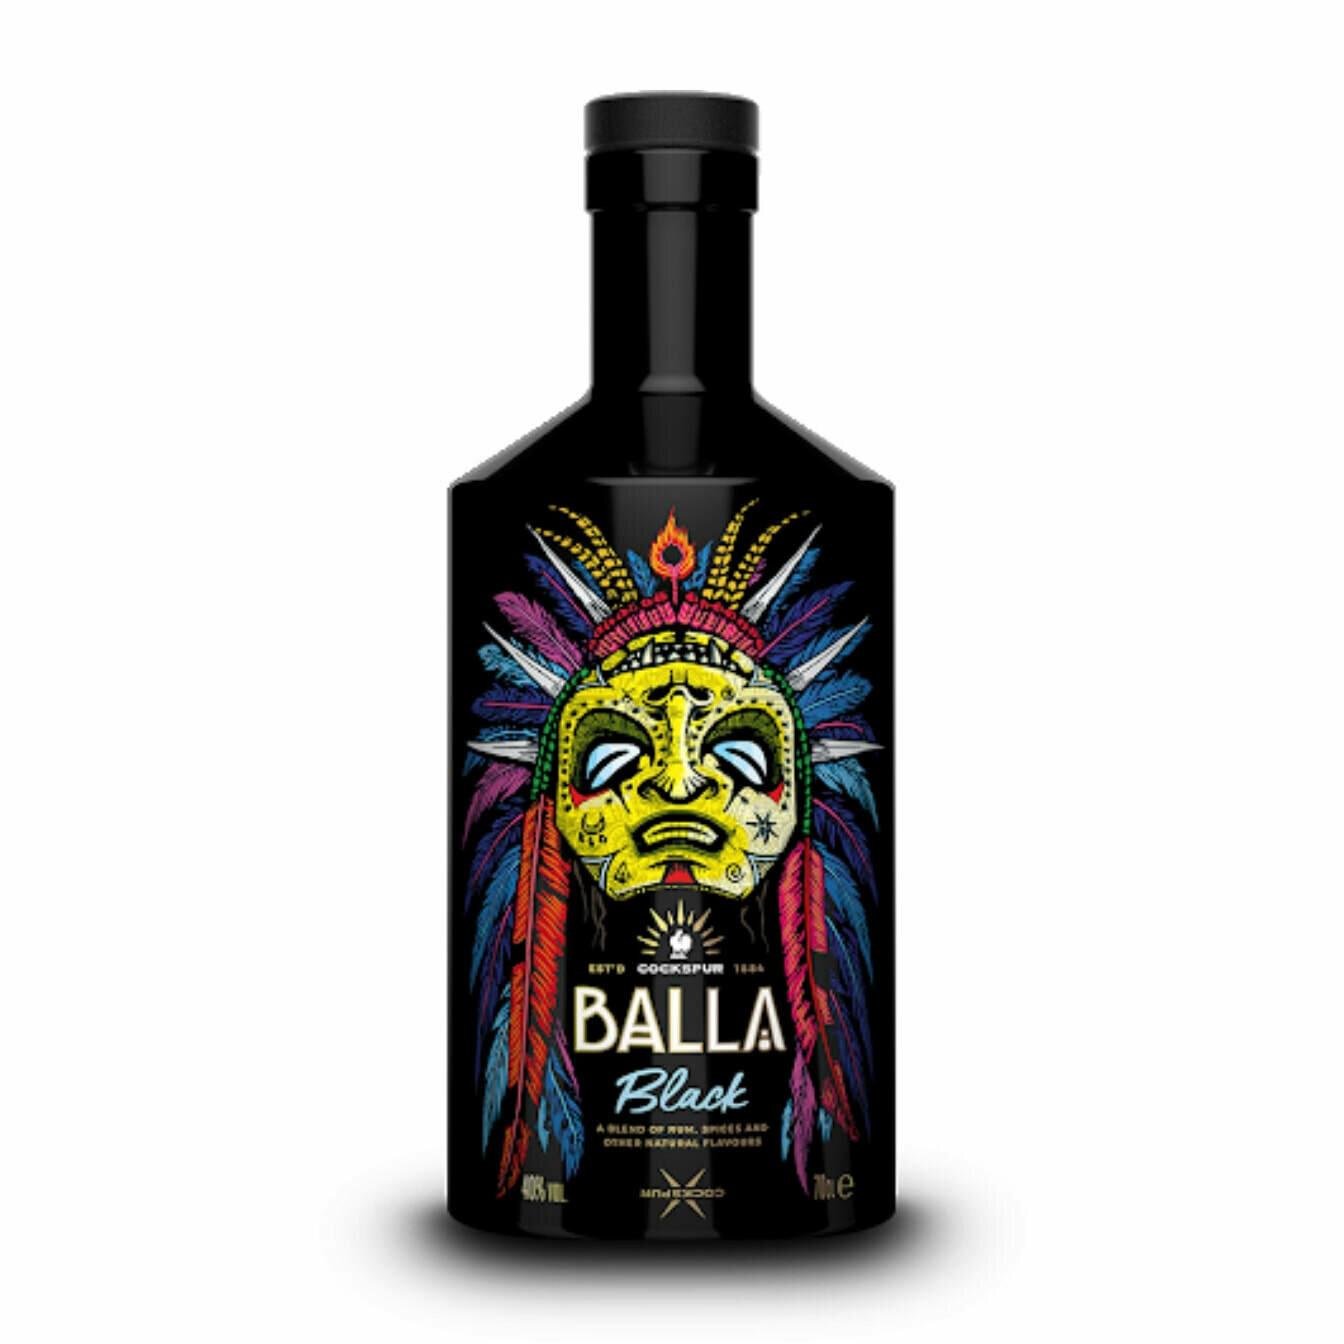 Balla Black Spiced Rum